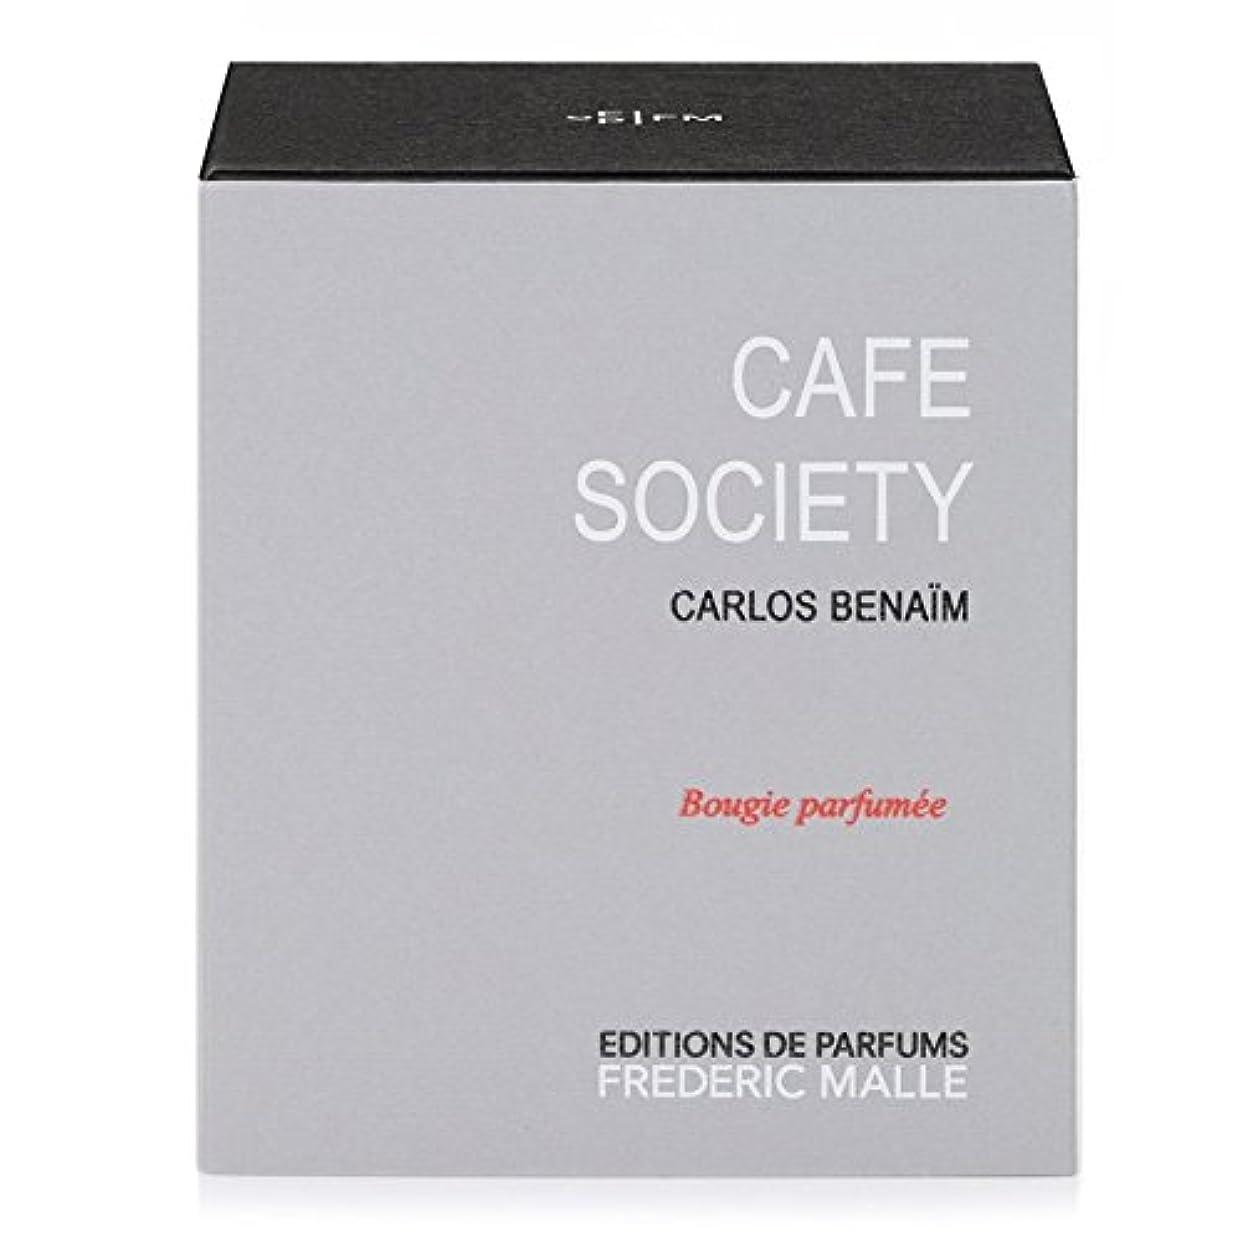 講義肺傀儡フレデリック?マルカフェ社会の香りのキャンドル220グラム x6 - Frederic Malle Cafe Society Scented Candle 220g (Pack of 6) [並行輸入品]